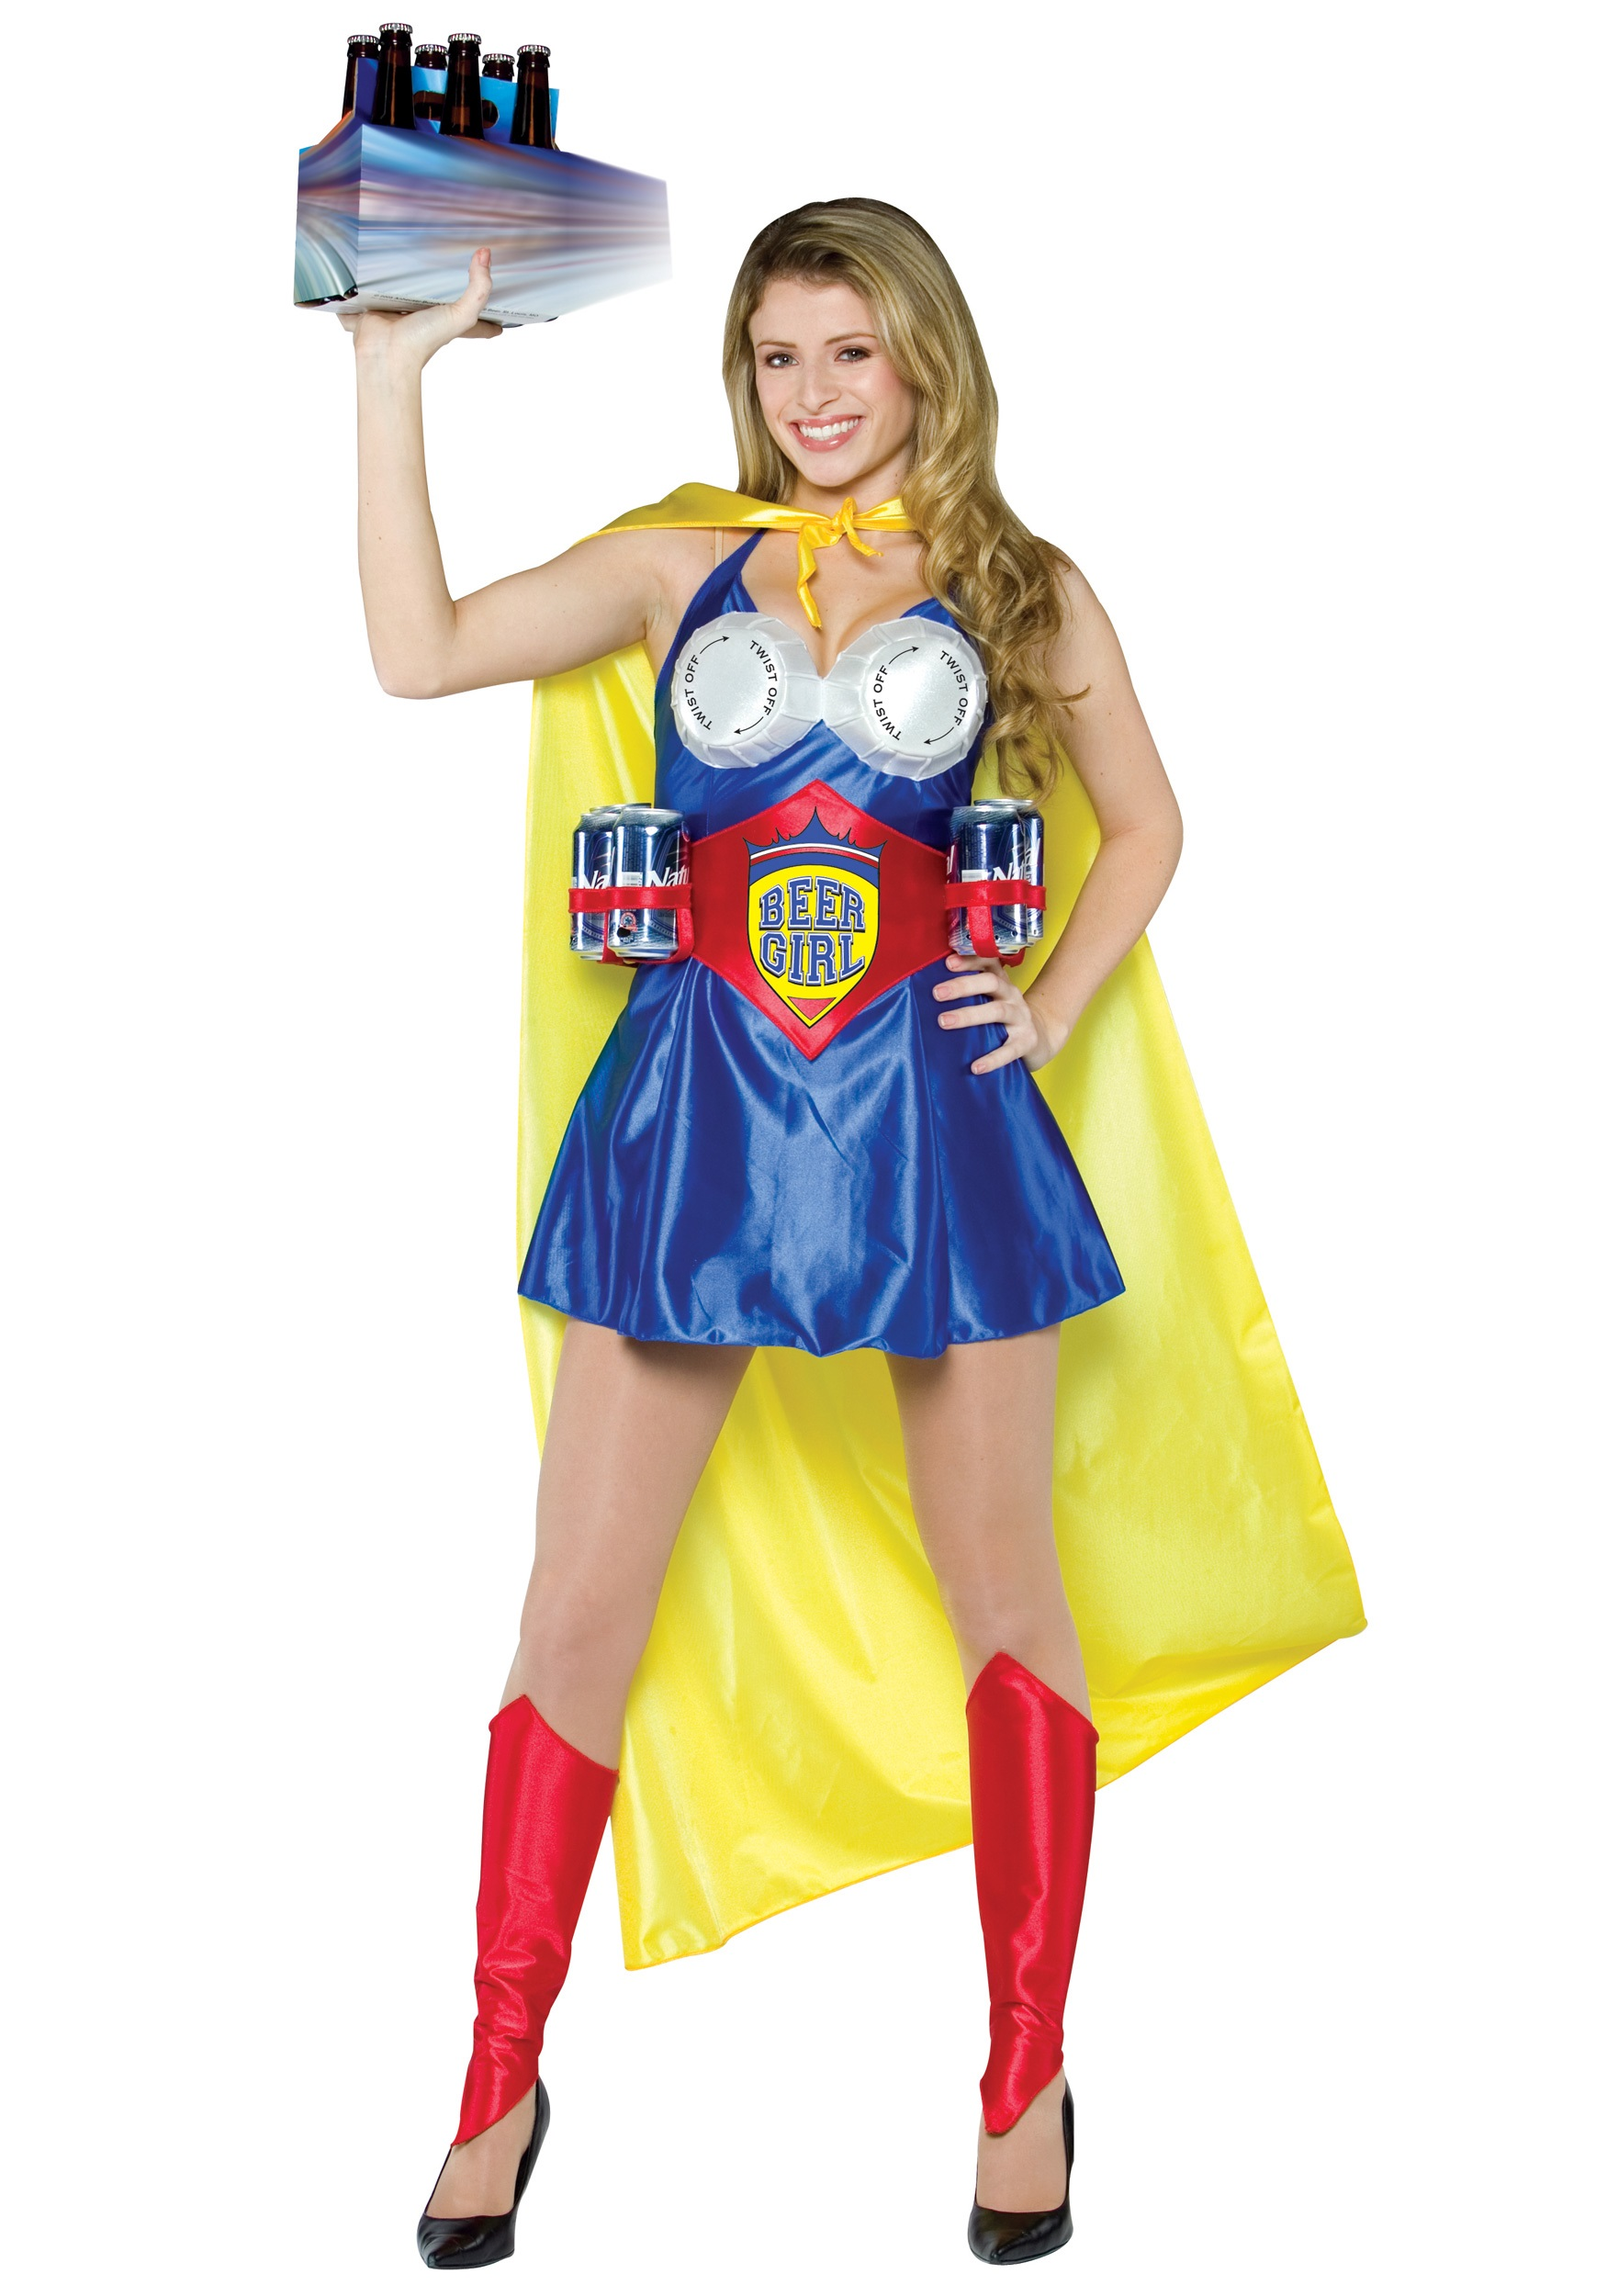 Adult Beer Girl Costume  sc 1 st  Halloween Costumes & Adult Beer Girl Costume - Halloween Costumes